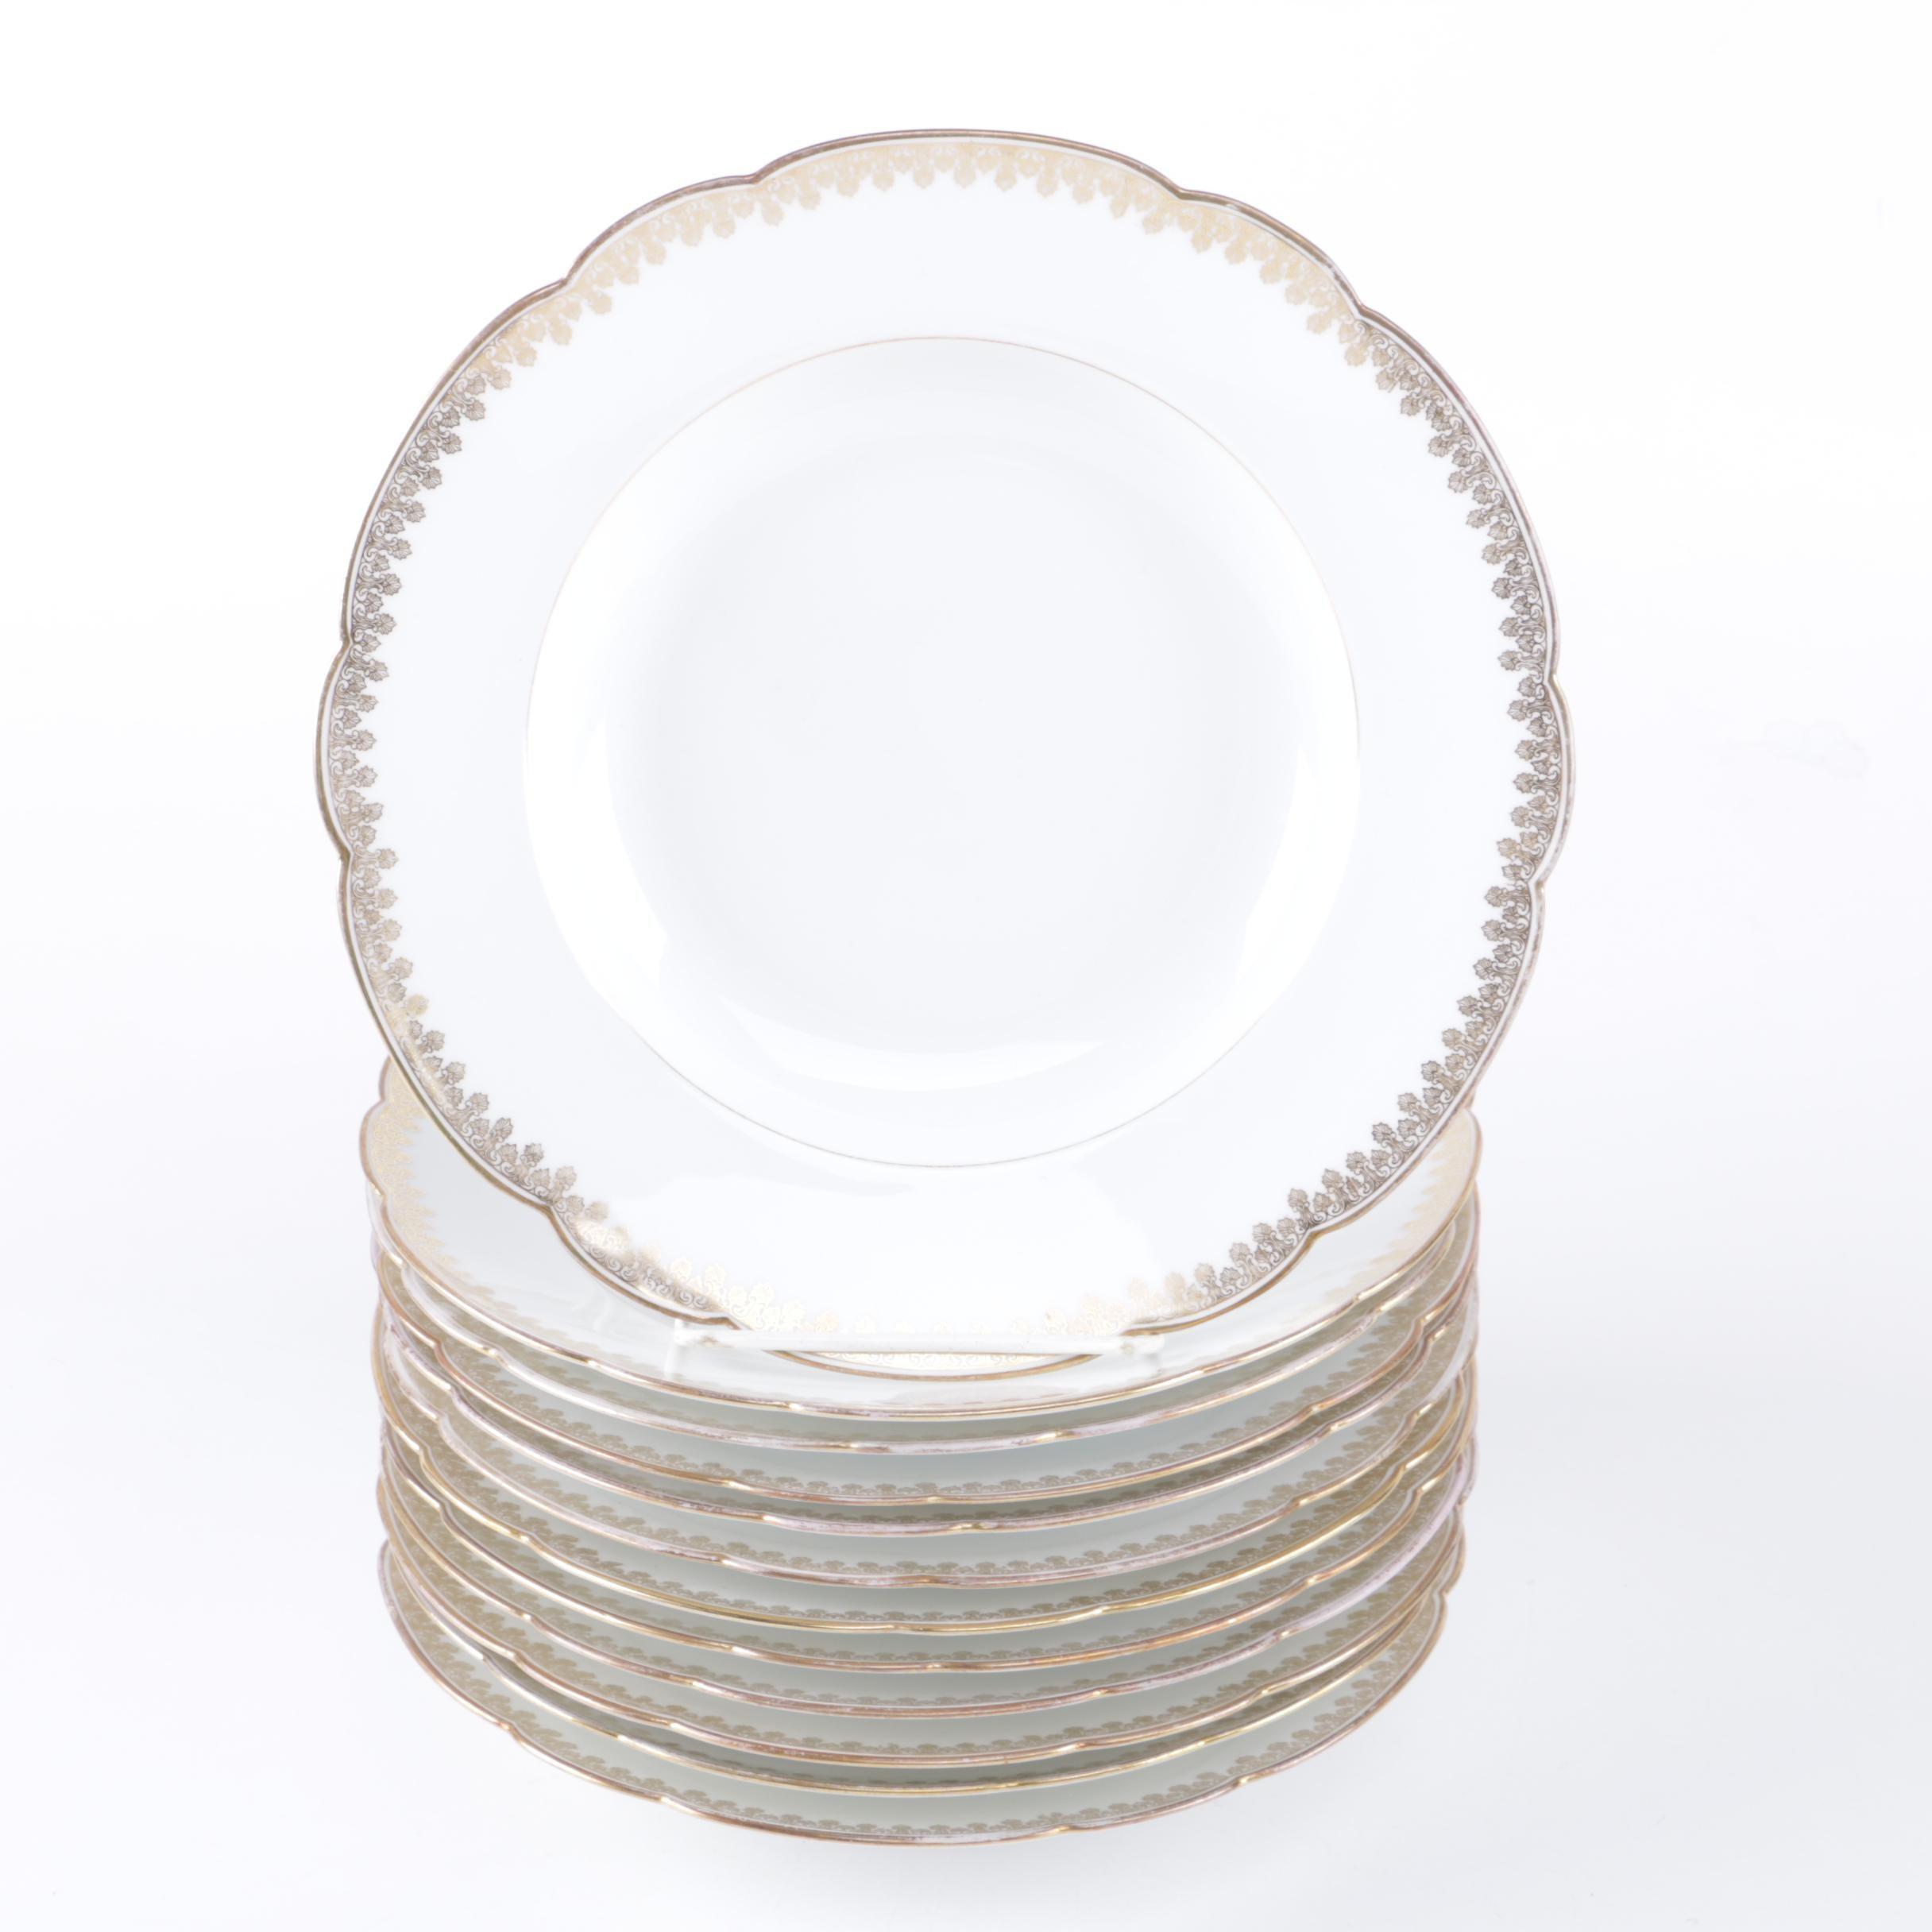 Tressemanes \u0026 Vogt Limoges Porcelain Luncheon Plate Set ...  sc 1 st  EBTH.com & Tressemanes \u0026 Vogt Limoges Porcelain Luncheon Plate Set : EBTH